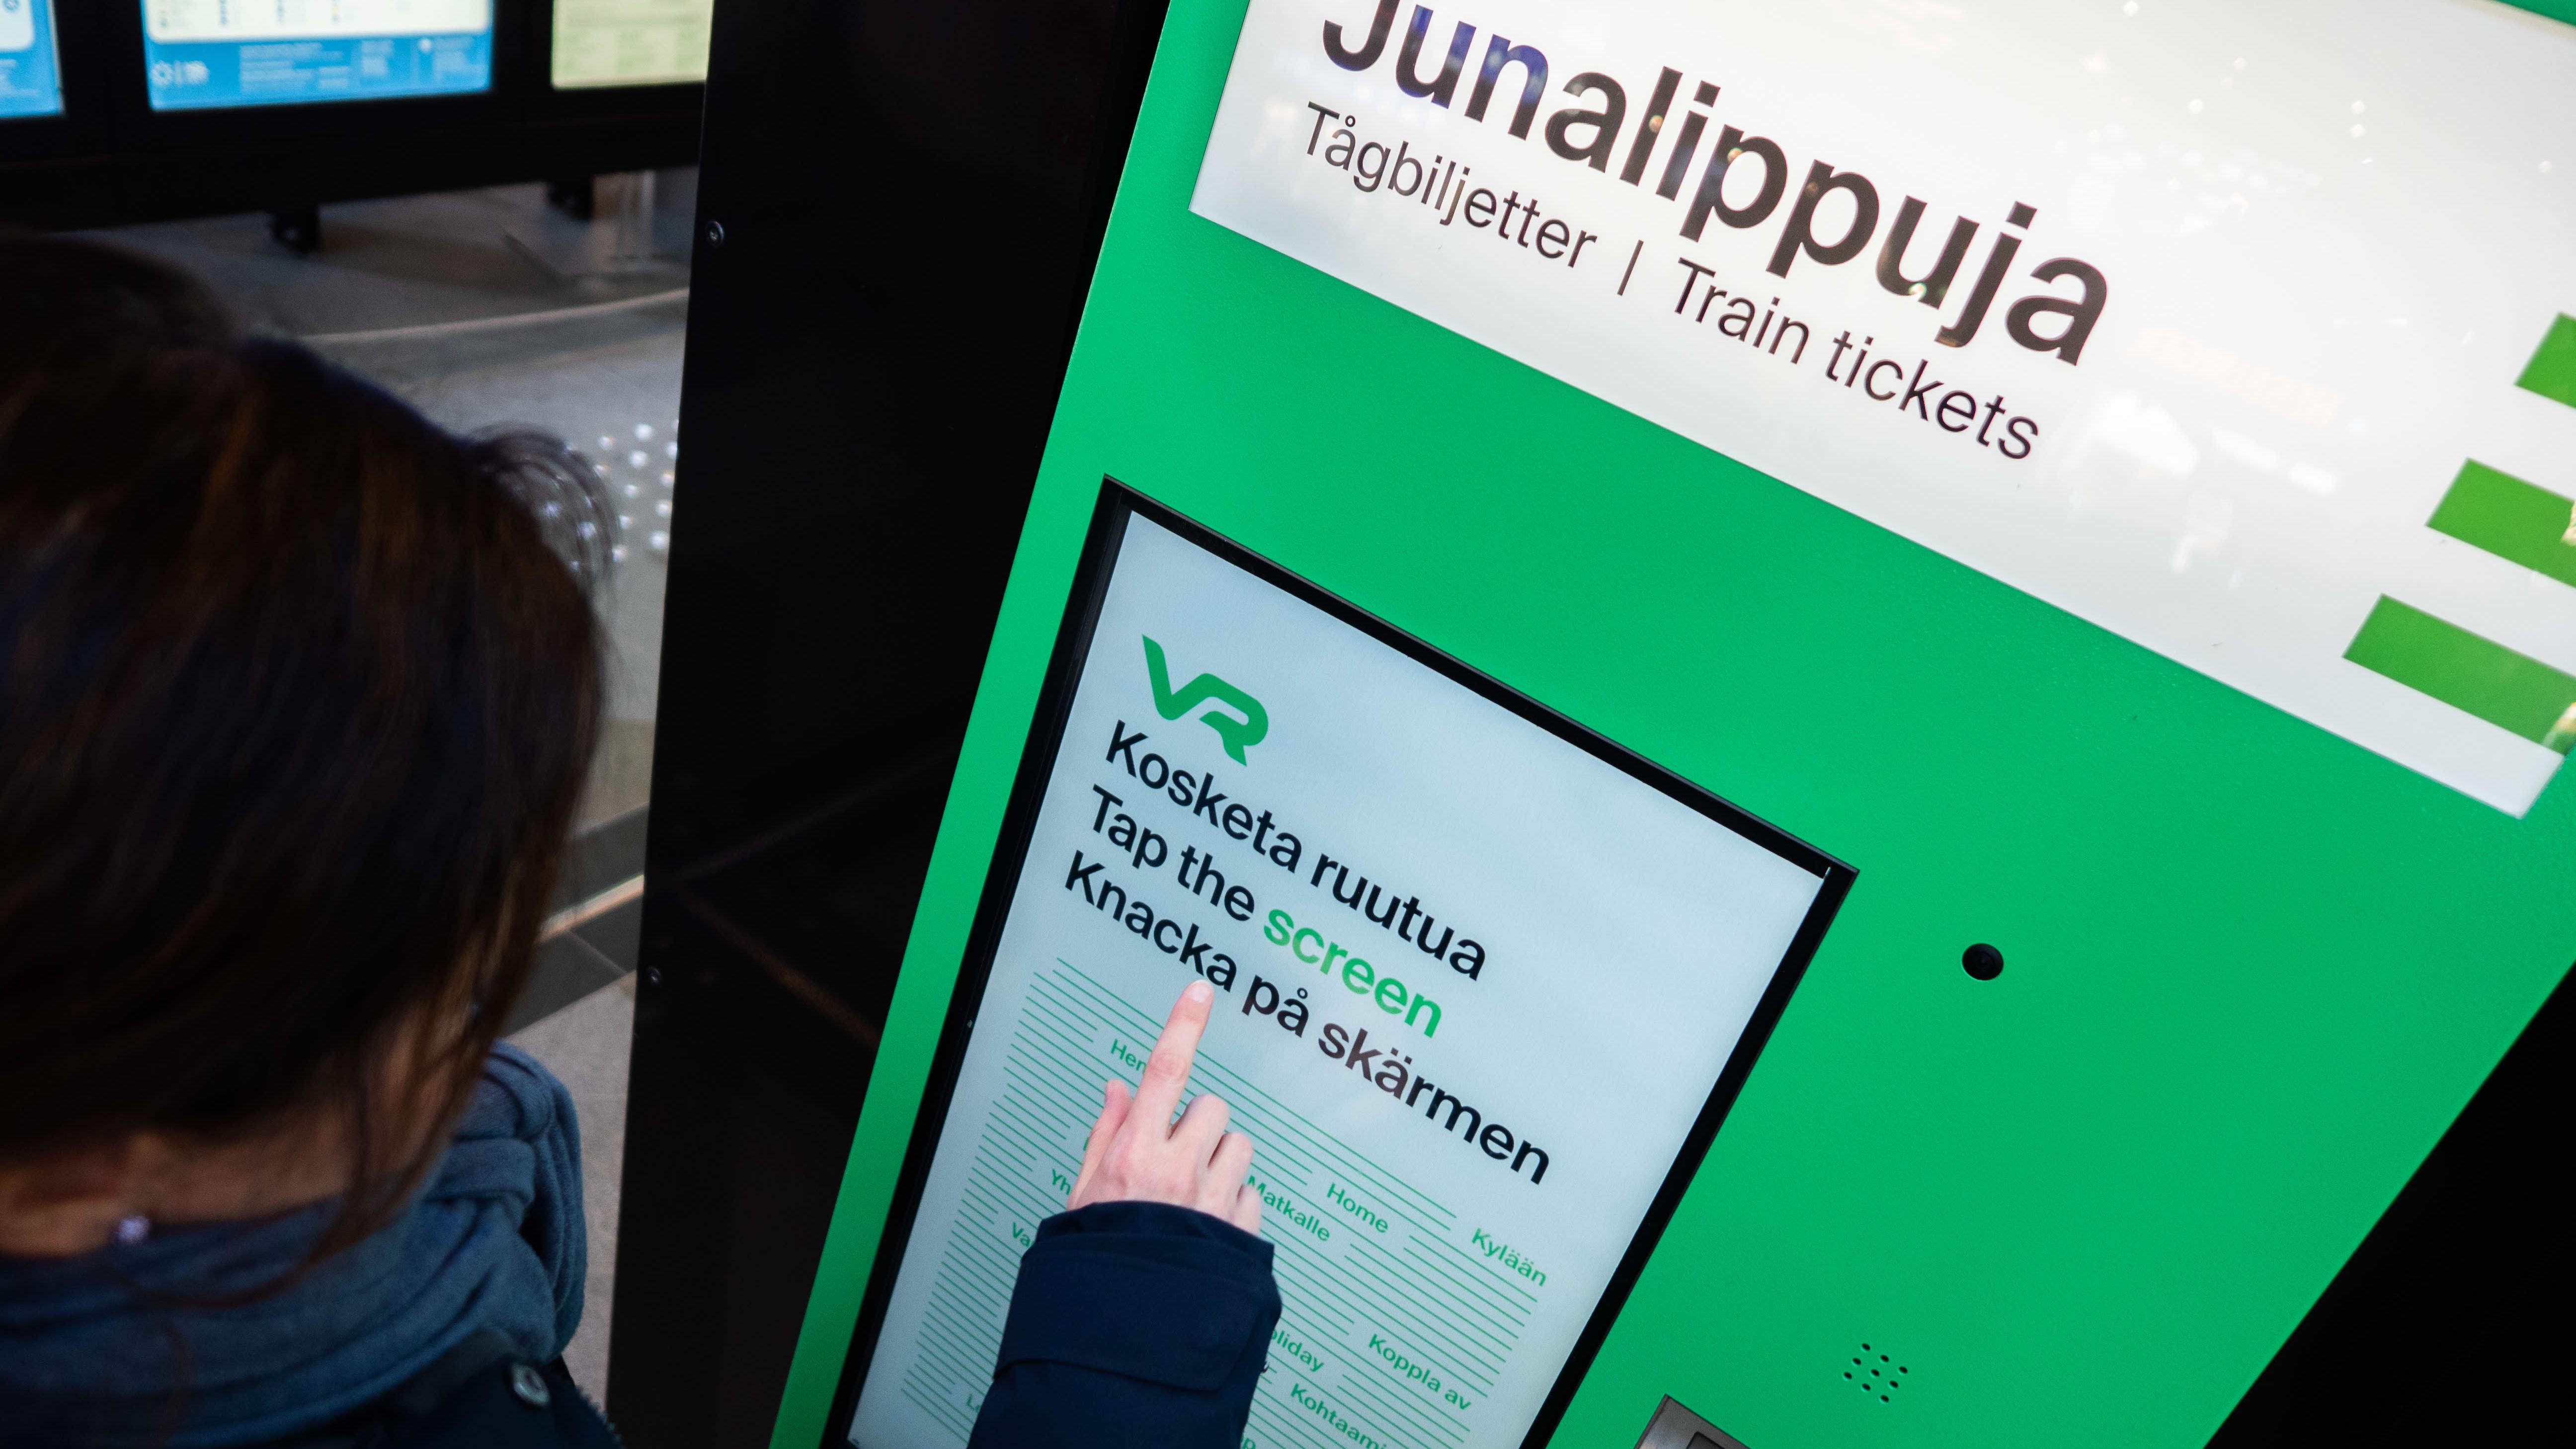 Nainen ostamassa VR:n lippuautomaatista lippua.